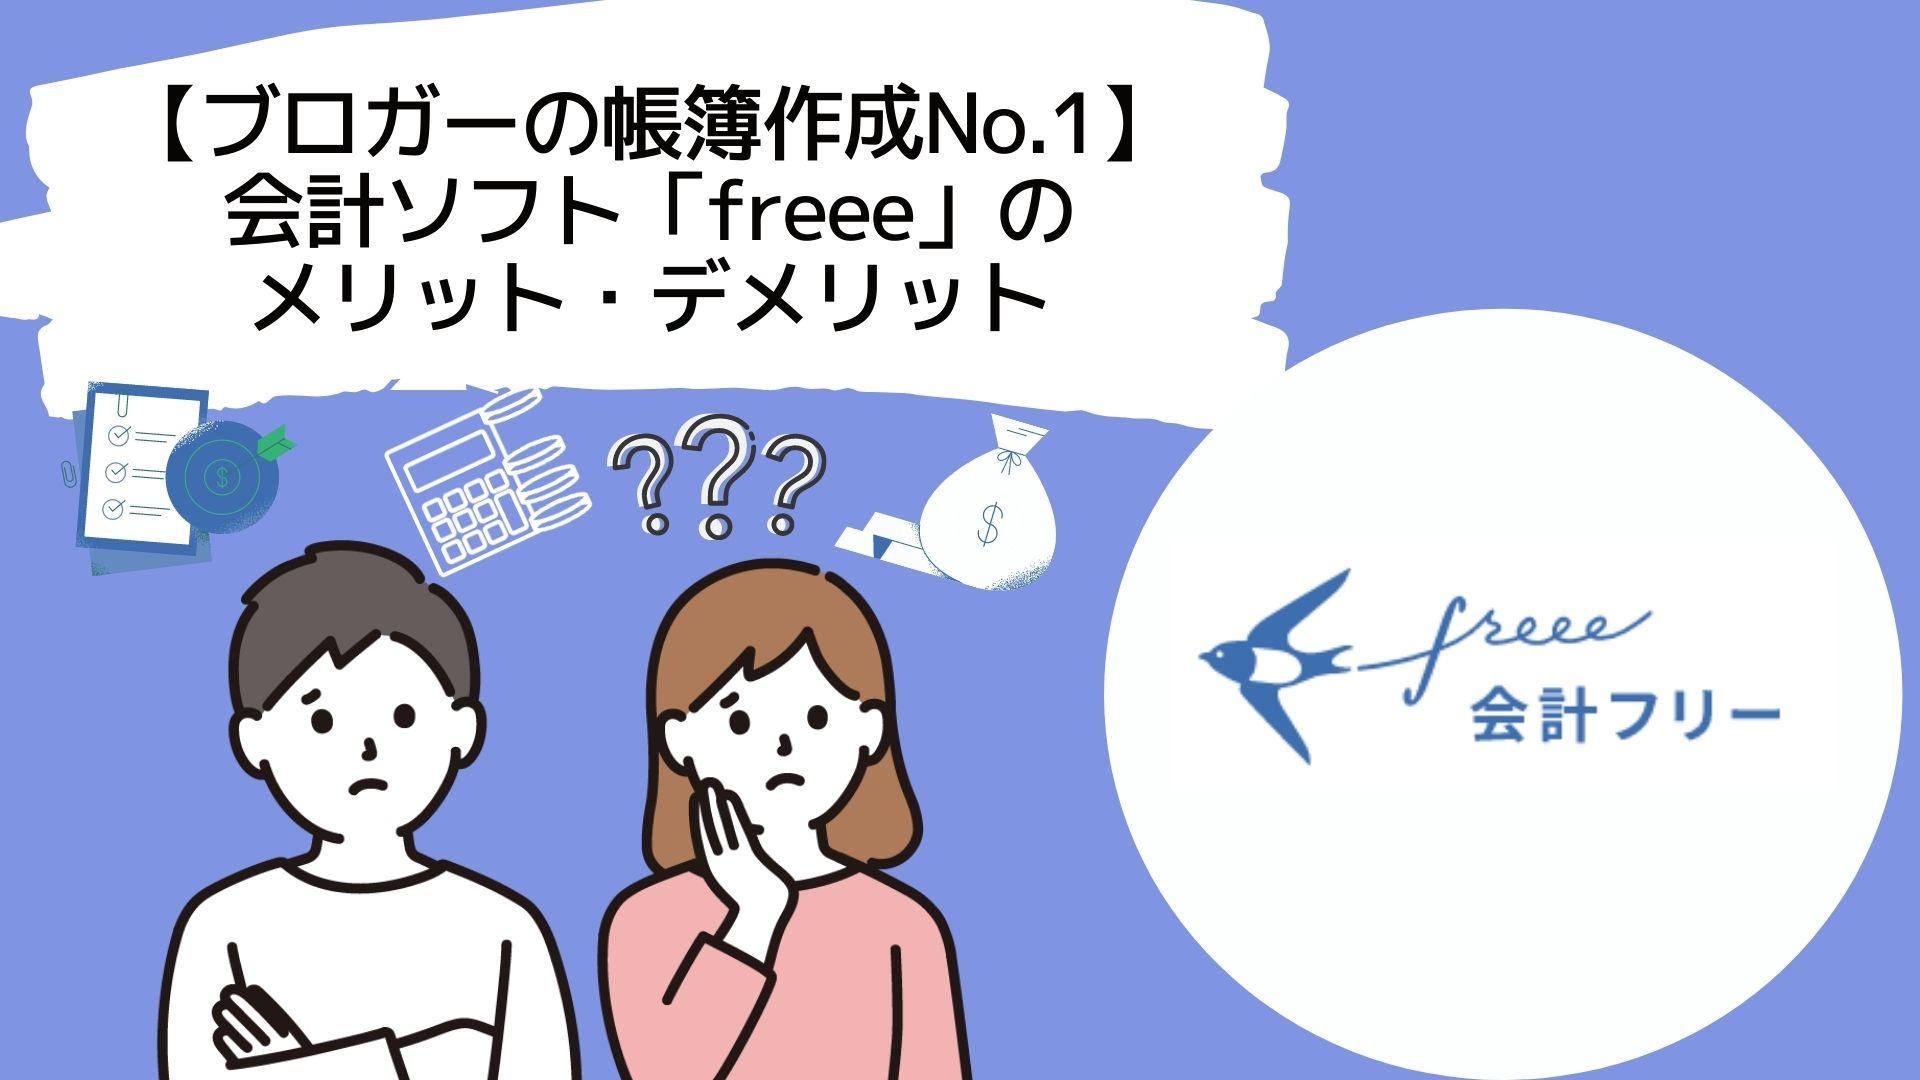 【ブロガーの帳簿作成No.1】会計ソフト「freee」のメリット・デメリット